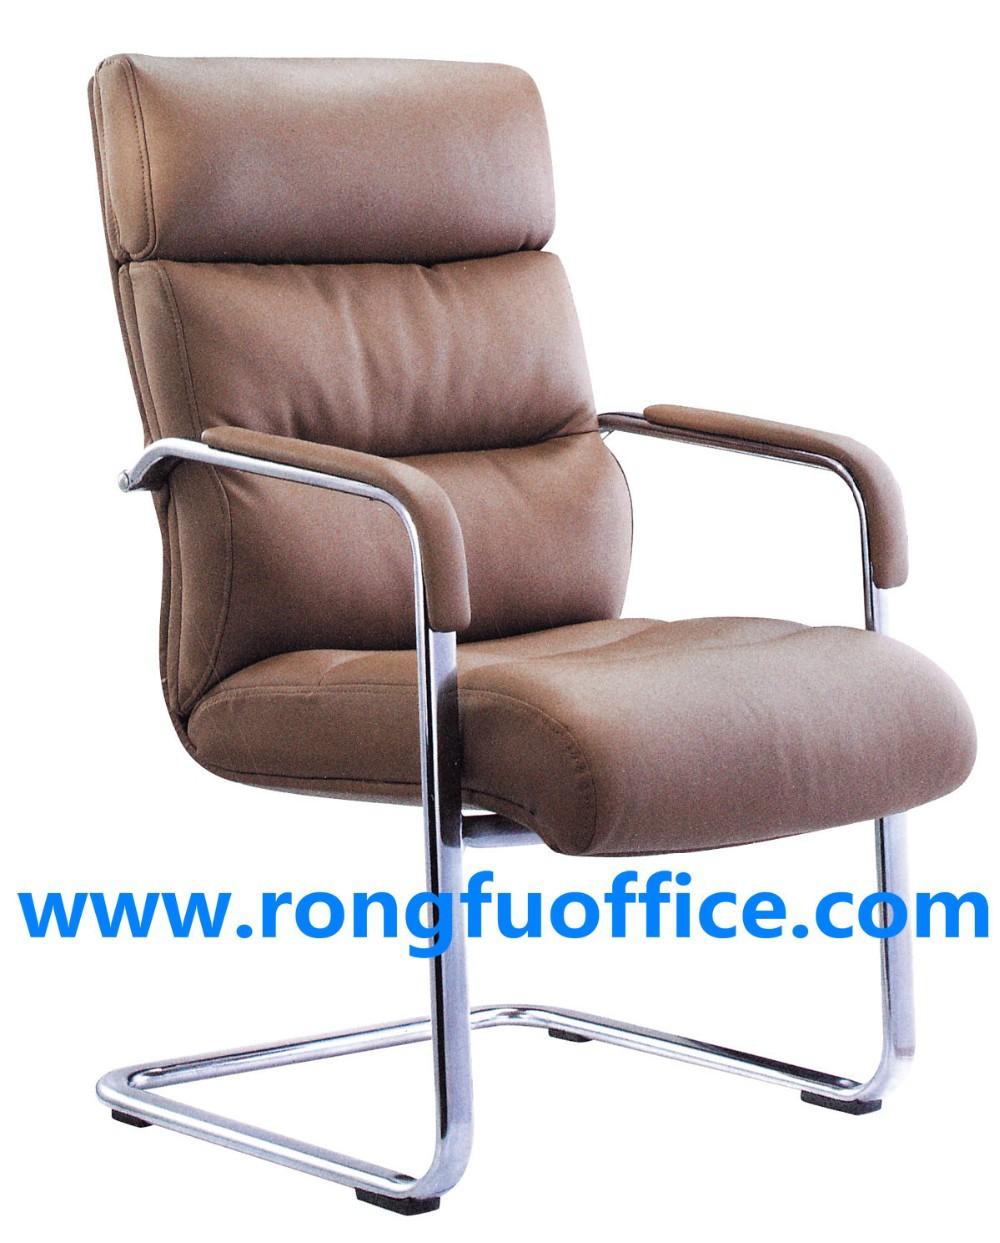 современный офис и кресло с РФ-o8225d